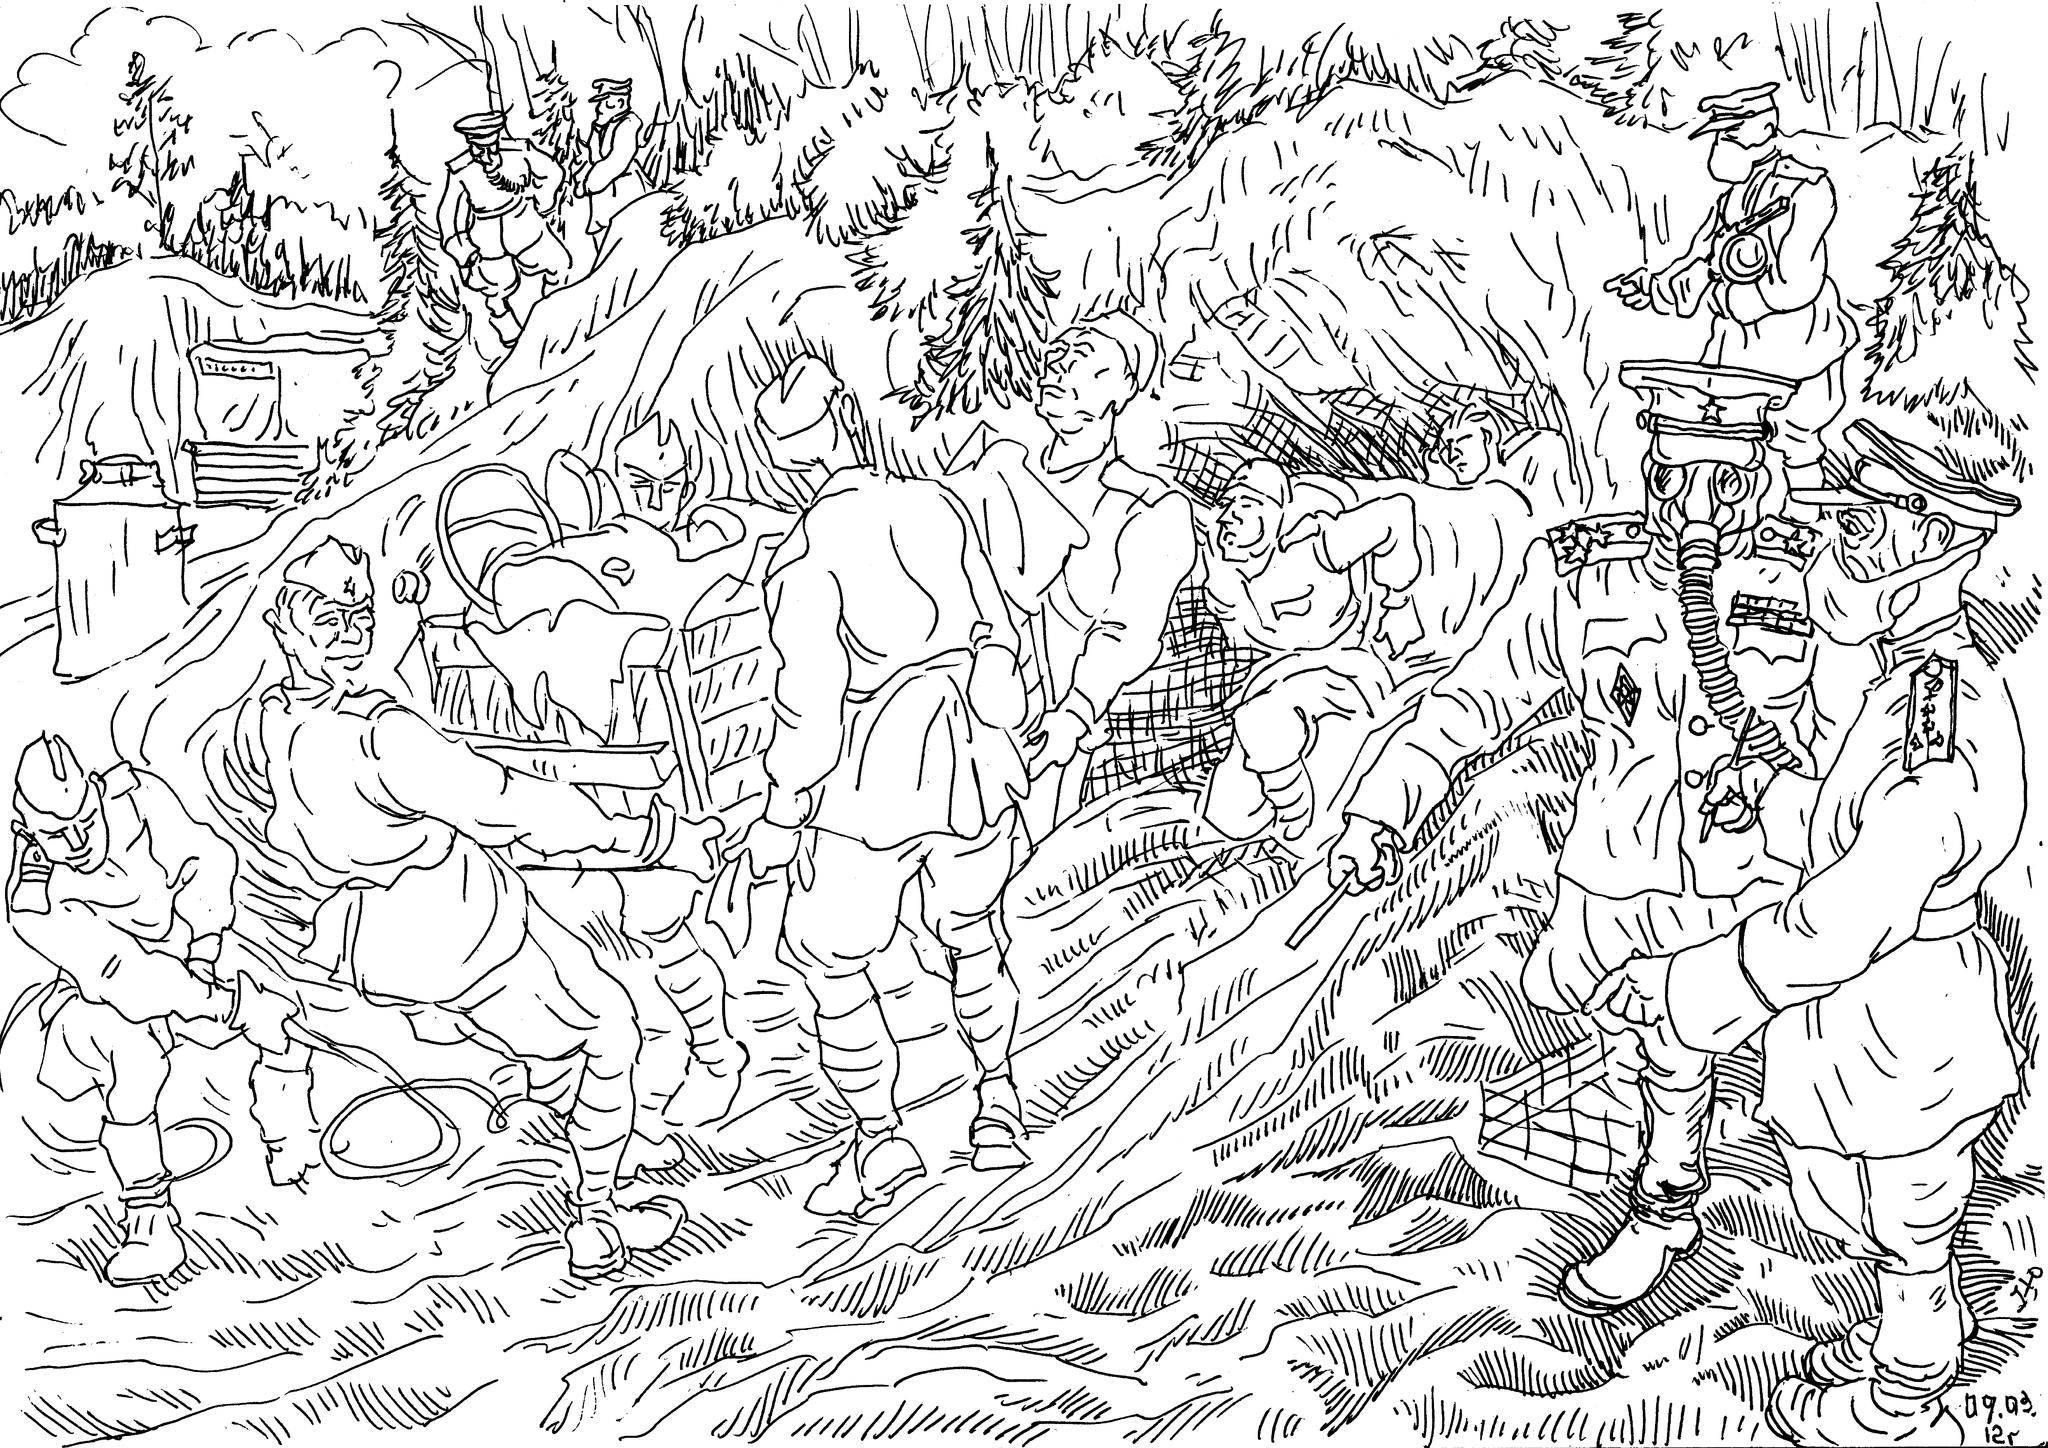 Первые жертвы Советской Армии от японского ОМП (оружия массового поражения)